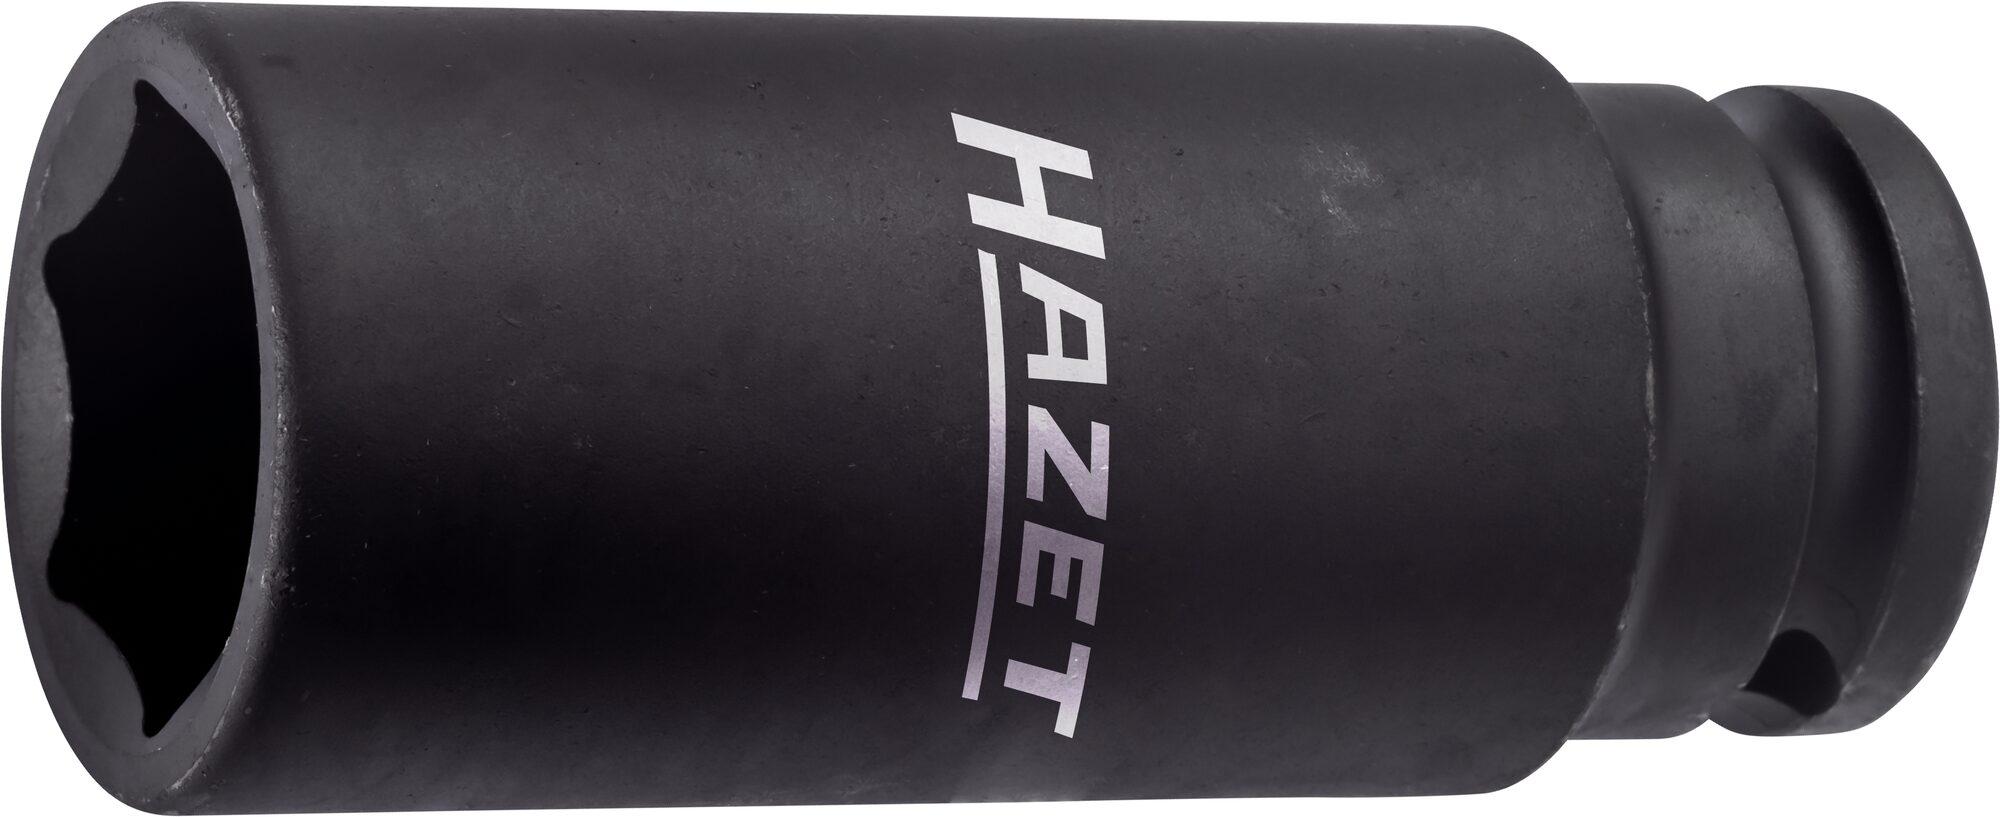 HAZET Schlag- ∙ Maschinenschrauber Steckschlüsseleinsatz ∙ Sechskant 900SLG-21 ∙ Vierkant hohl 12,5 mm (1/2 Zoll)